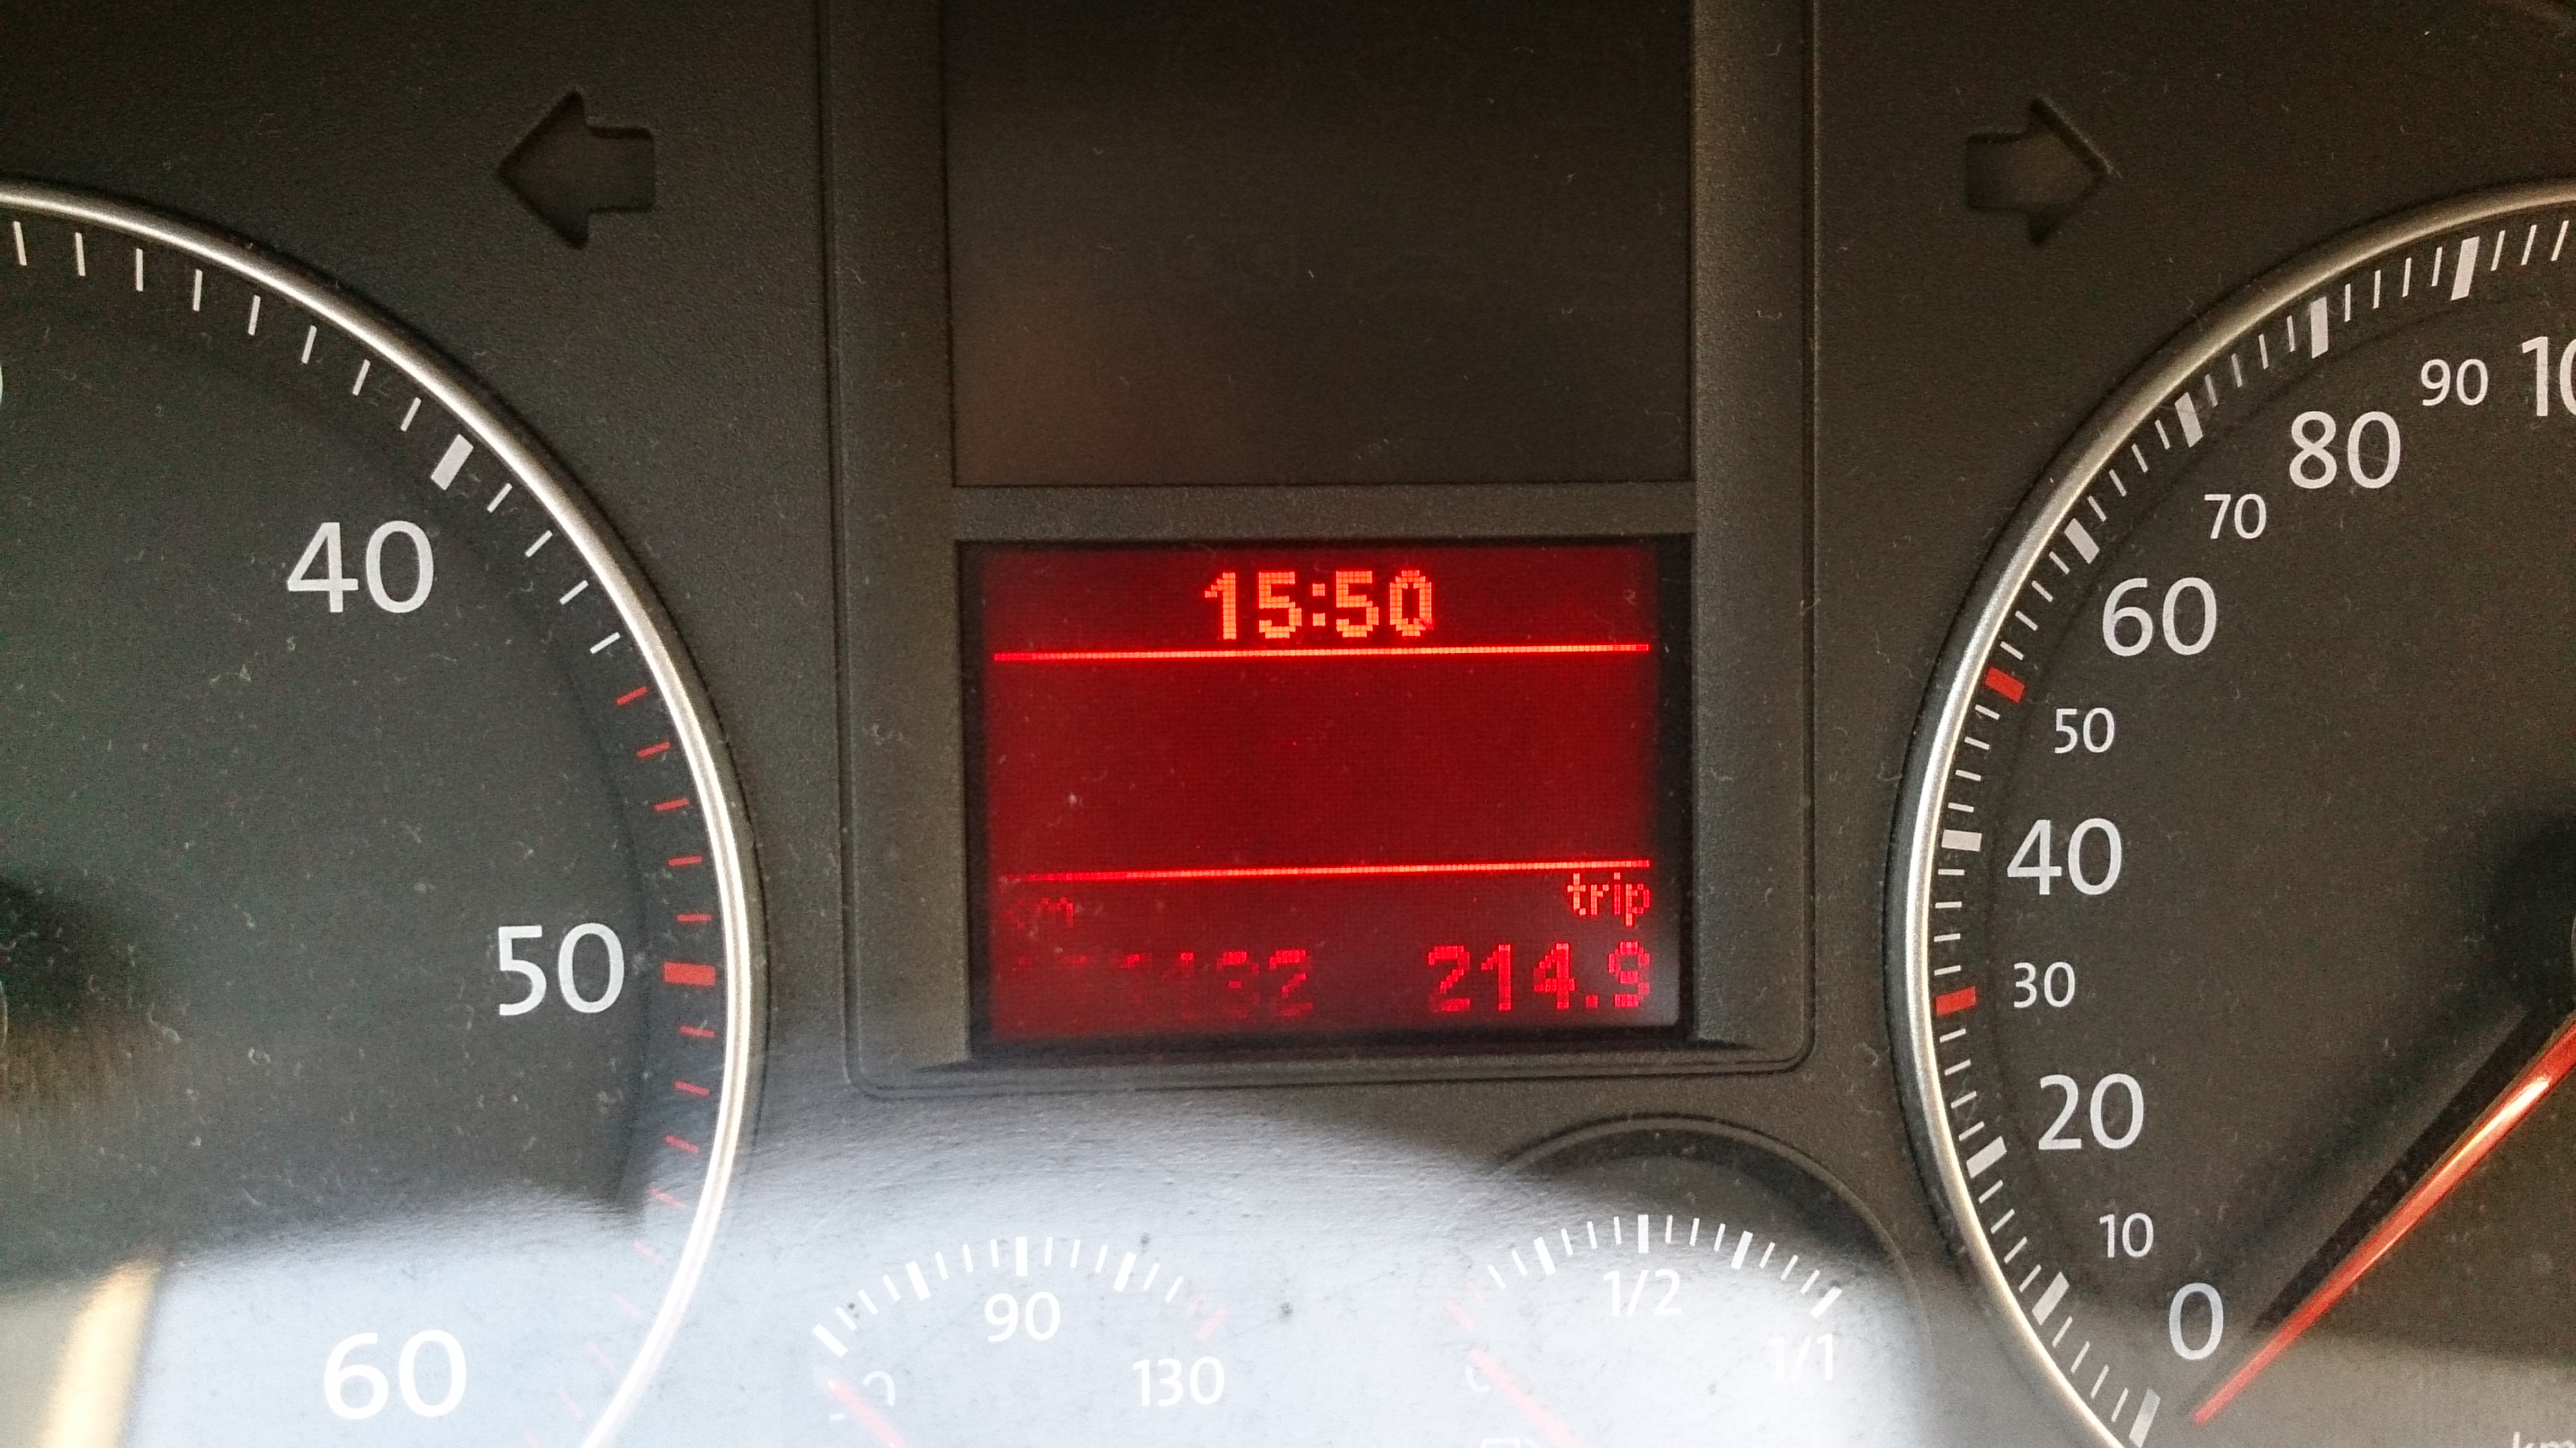 VW Golf V 2004r - Nie dzia�a ogrzewanie, tylna wycieraczka, licznik i pod�wietl.